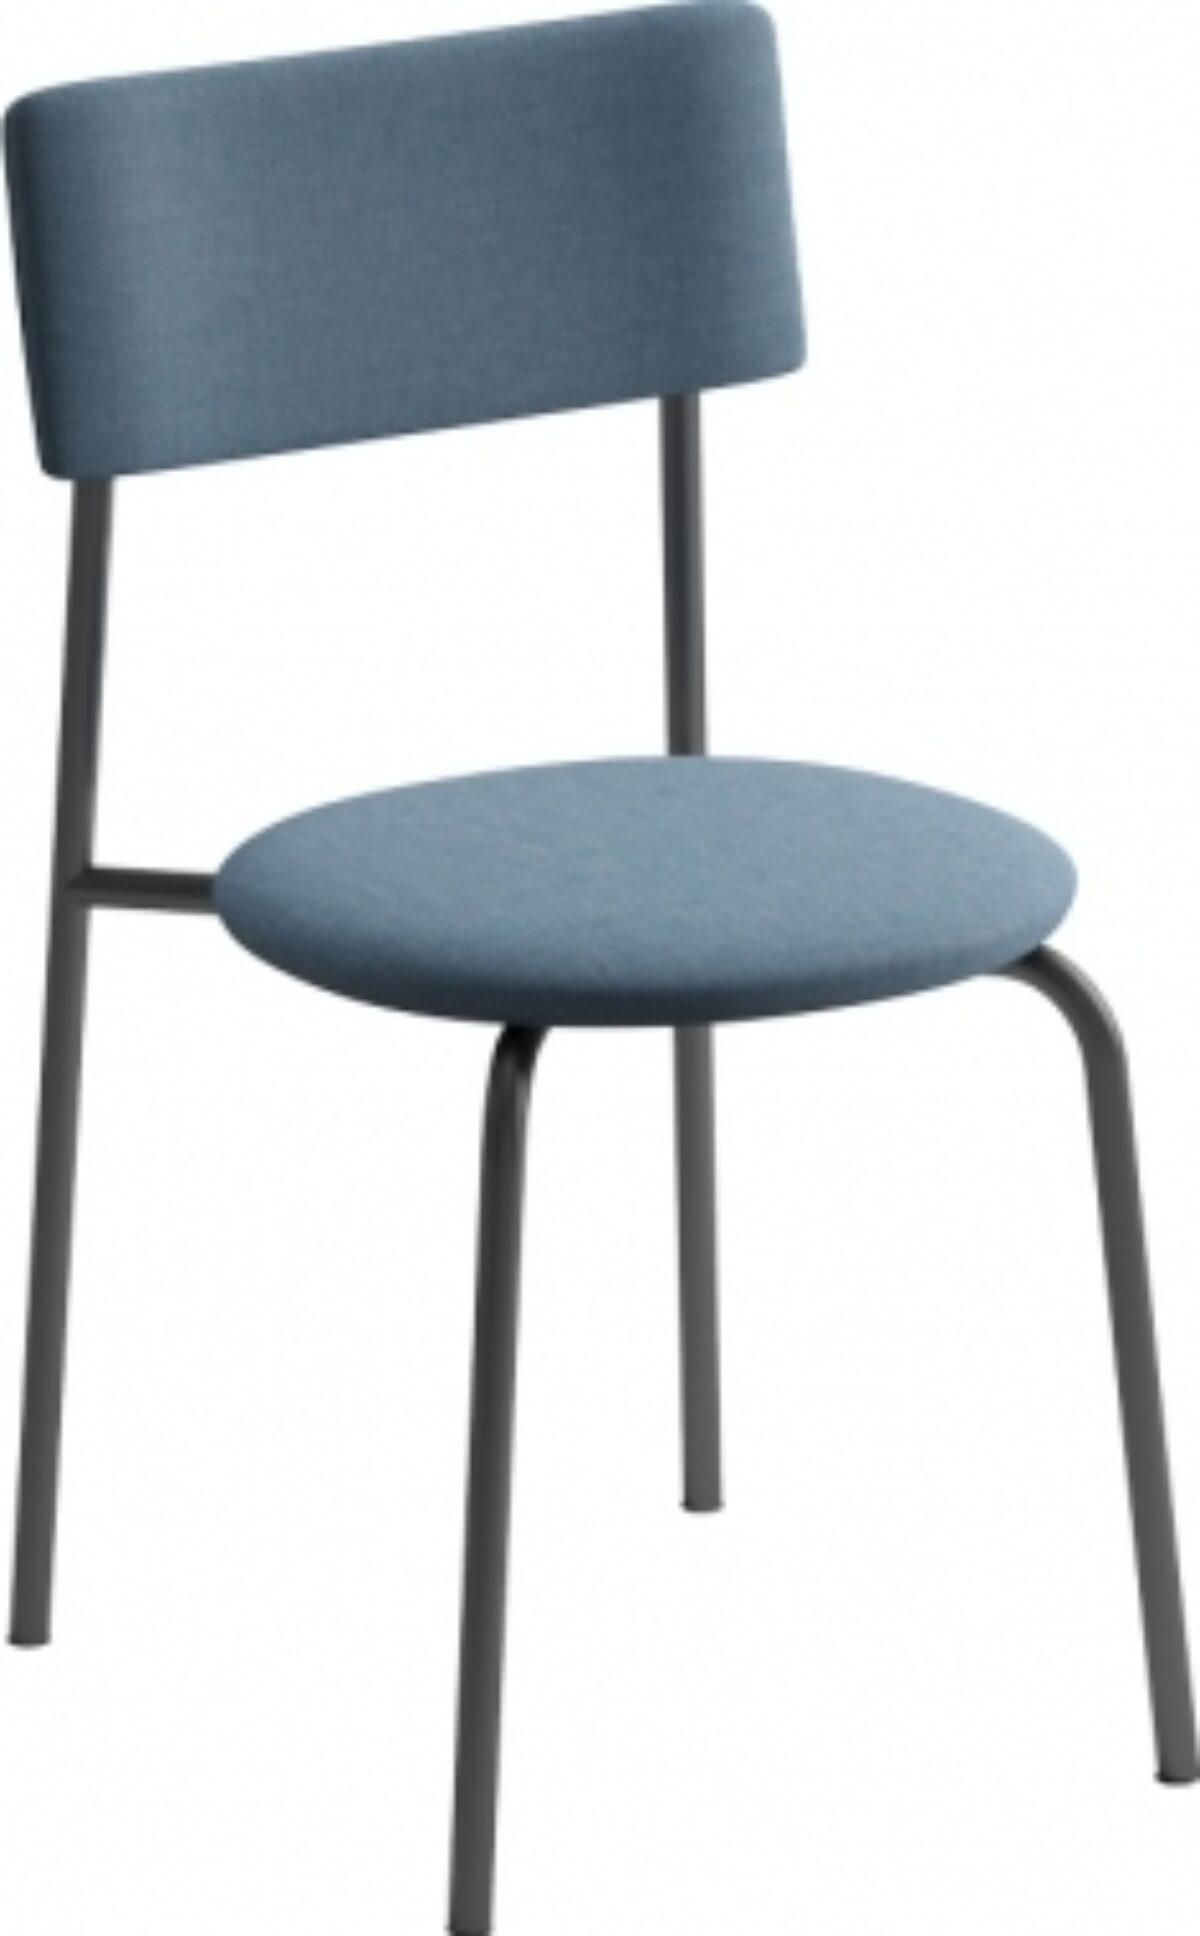 Fly stoel 2